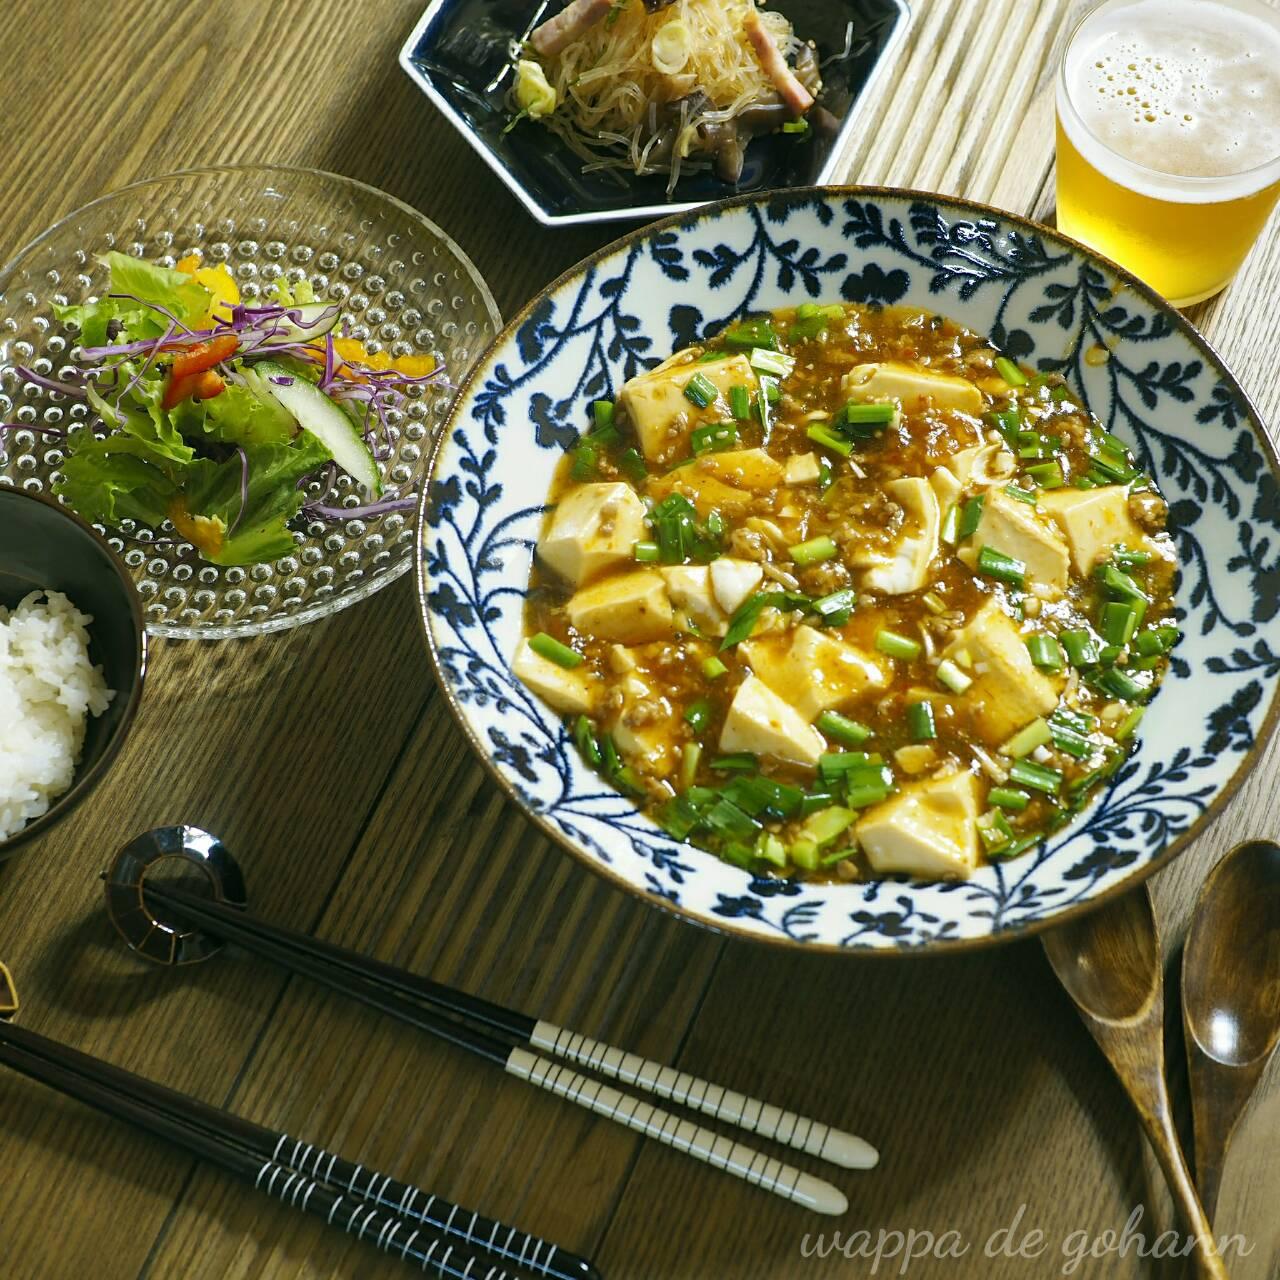 麻婆豆腐の晩ごはん